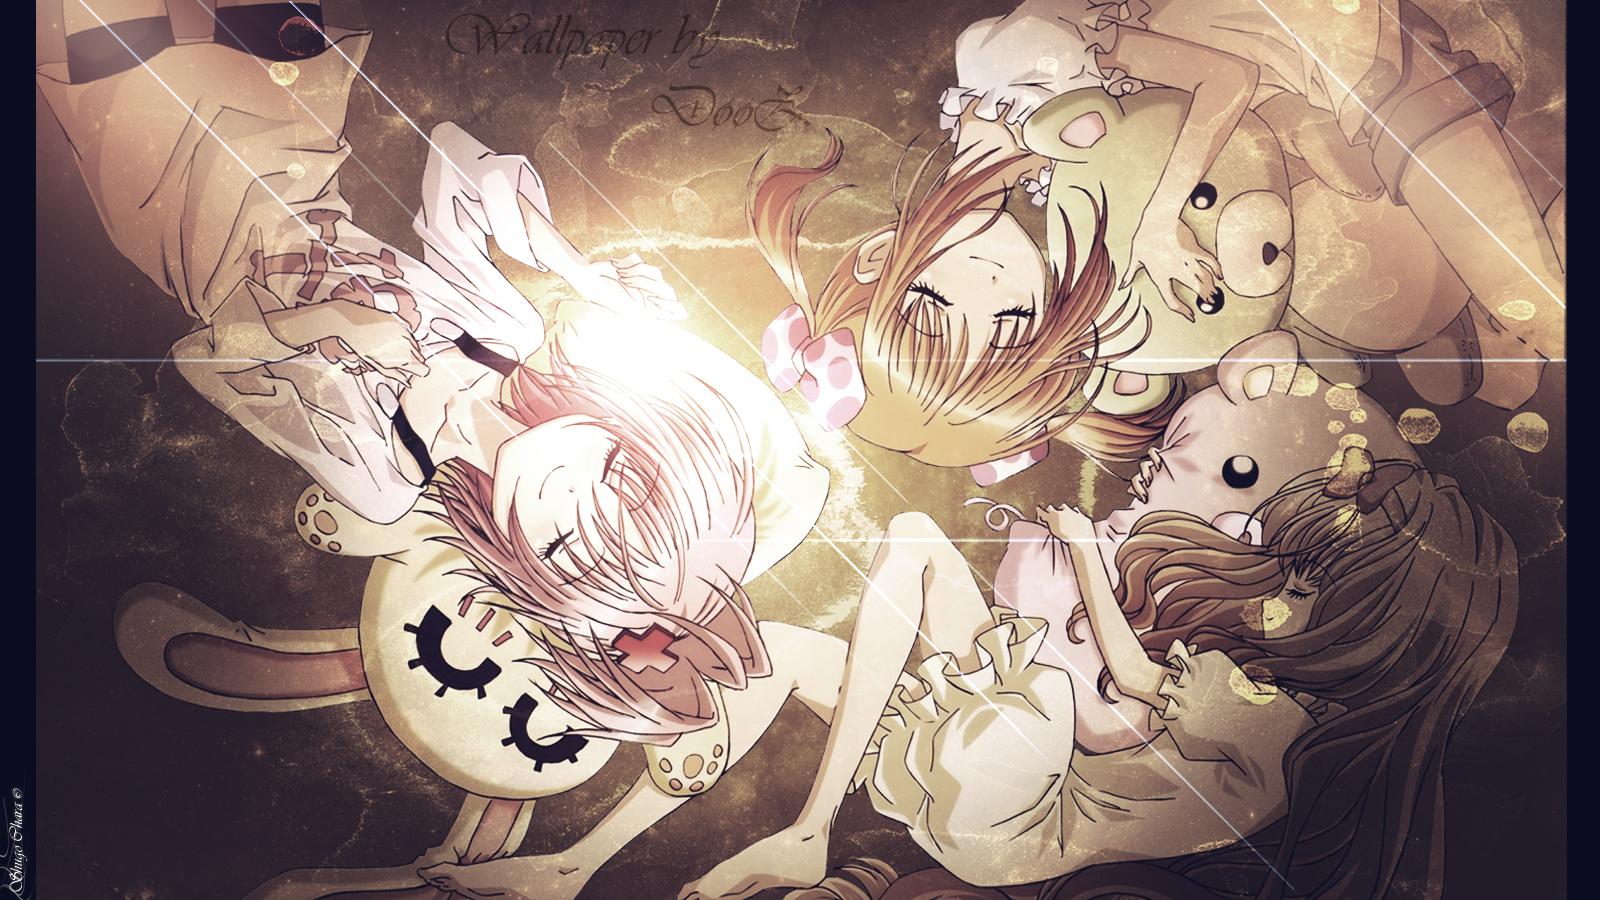 Image Manga wallpaper HD 0017   Album Divers Wallpaper wallpapers 1600x900